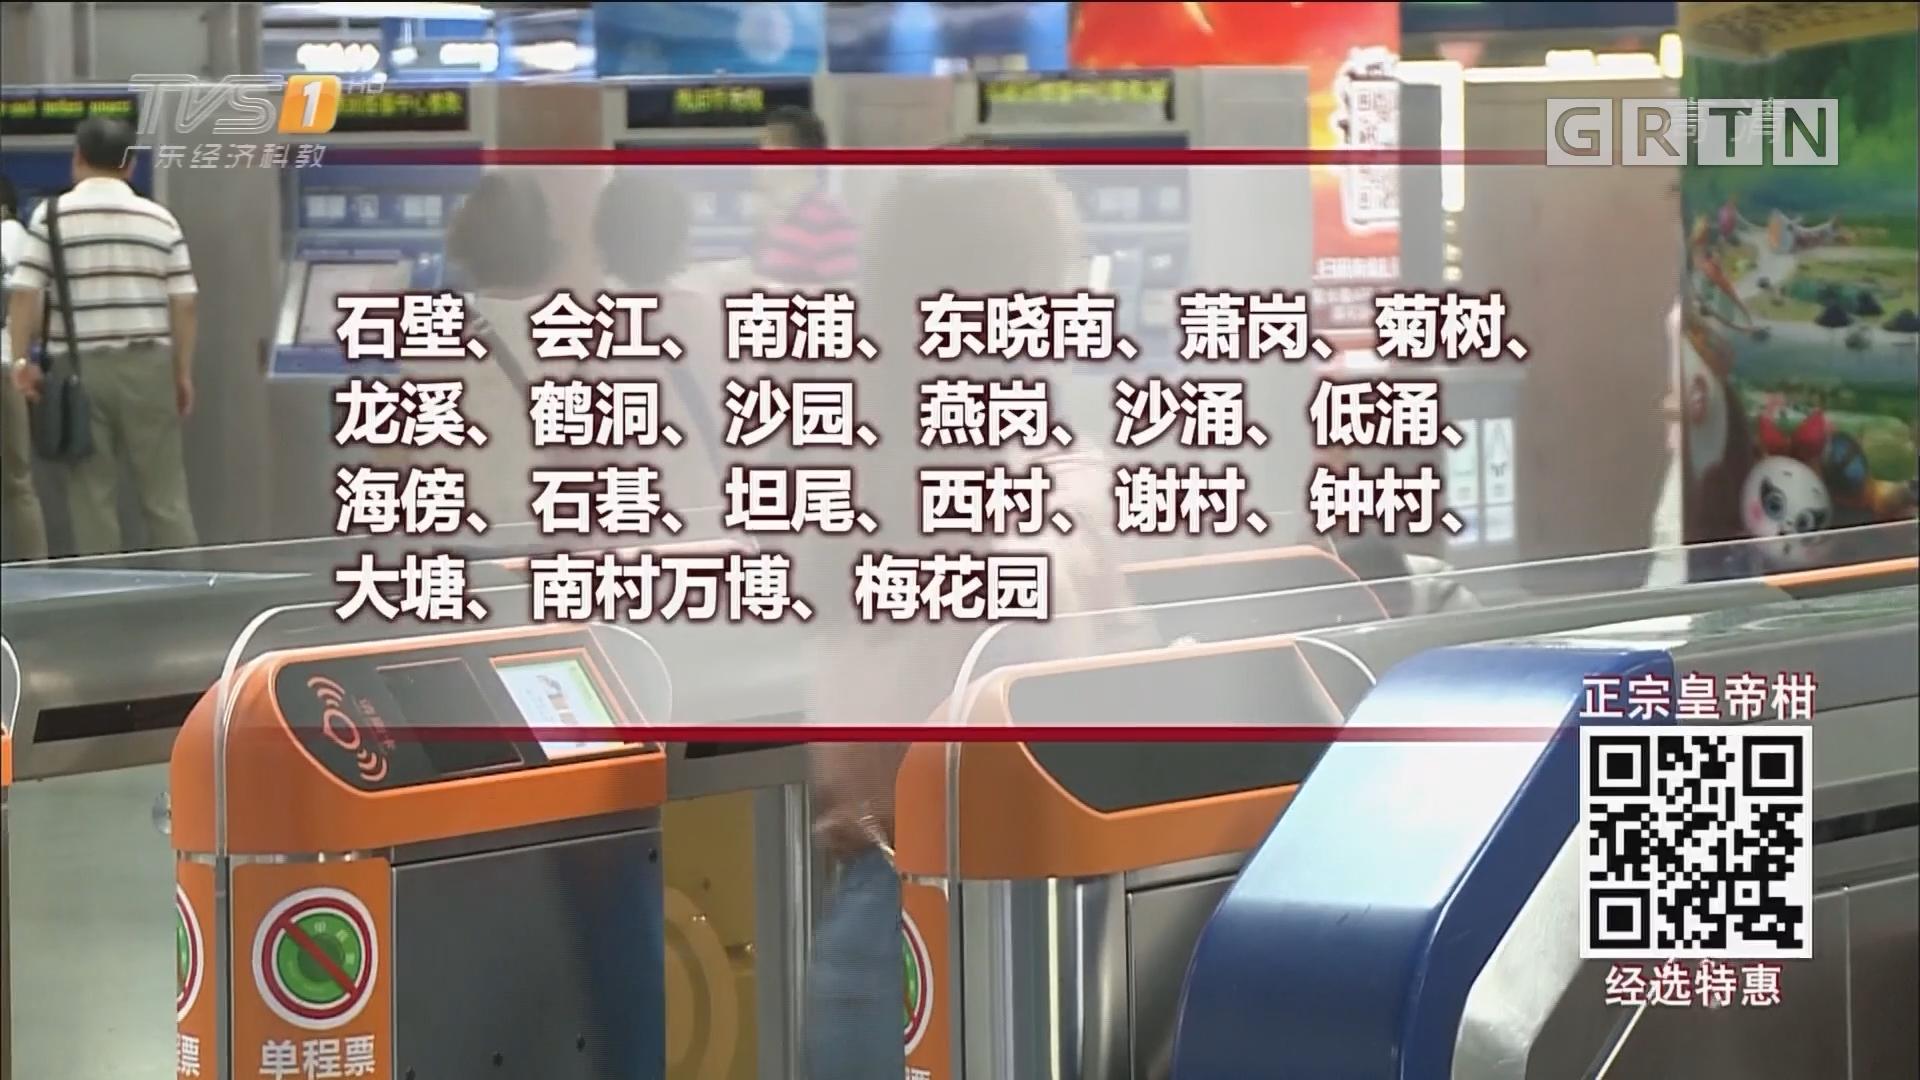 广州所有地铁站 今日完成安检升级